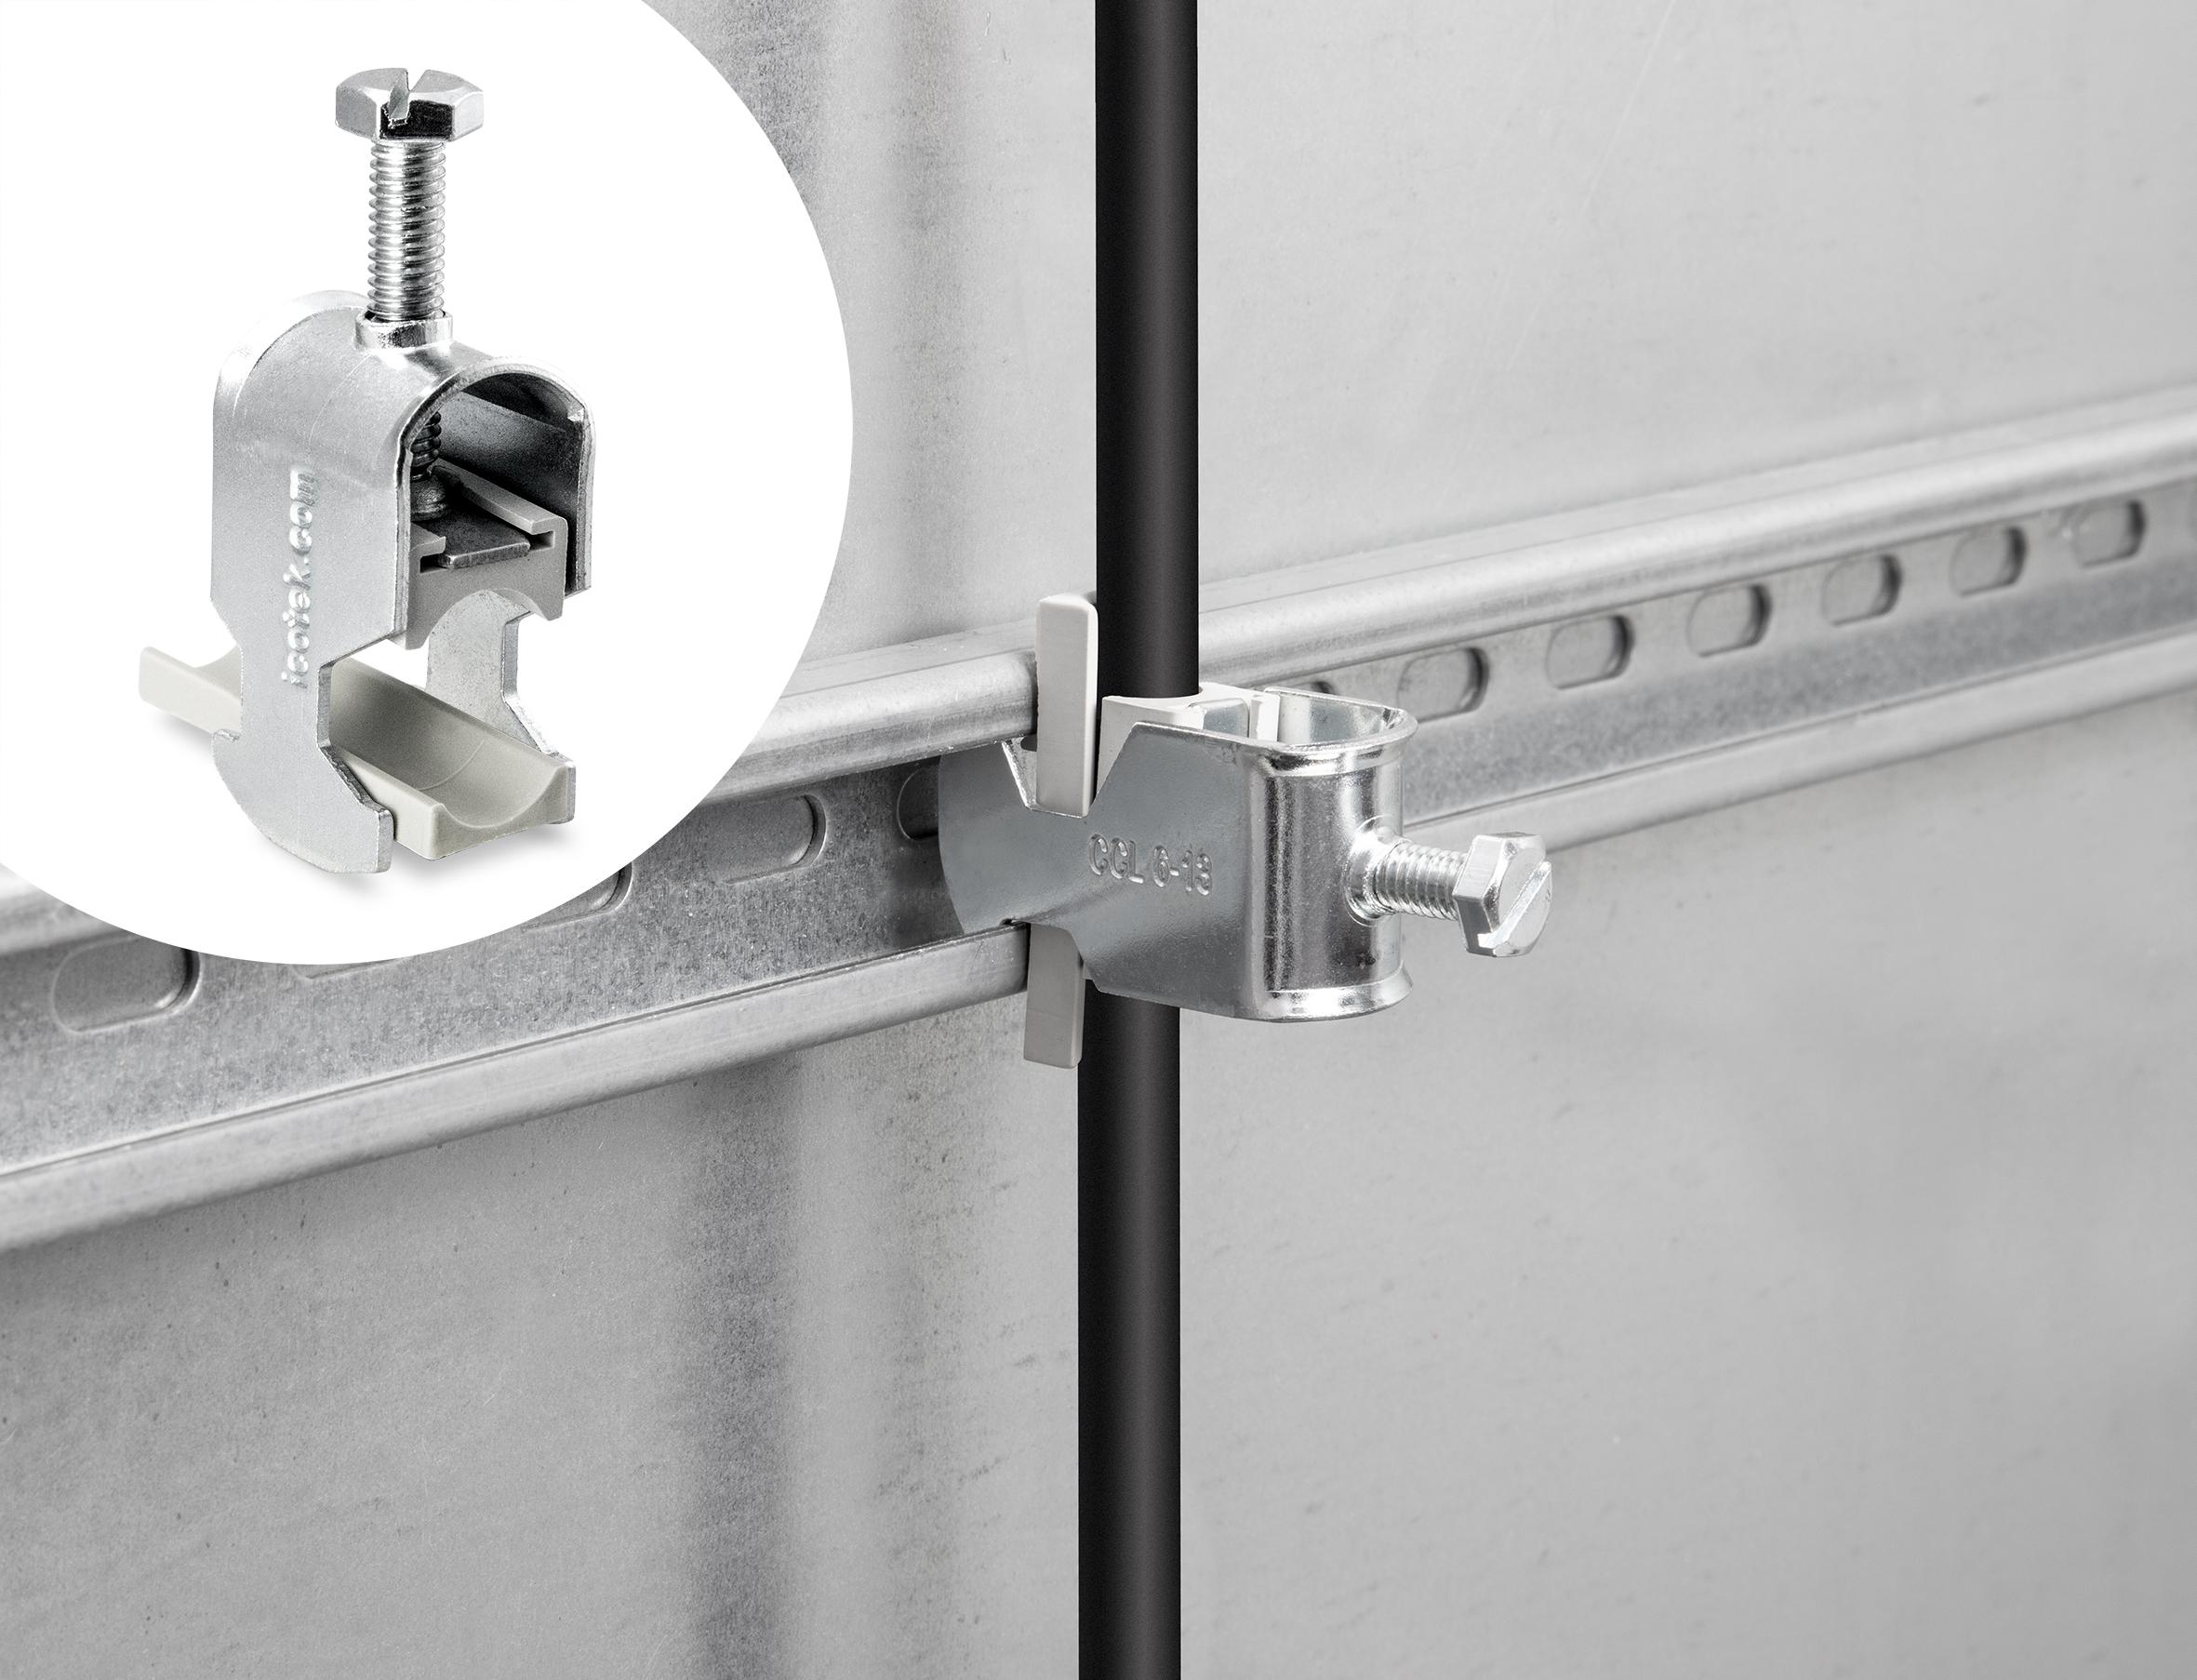 Serre-câbles anti-vibrations proposé par Icotek